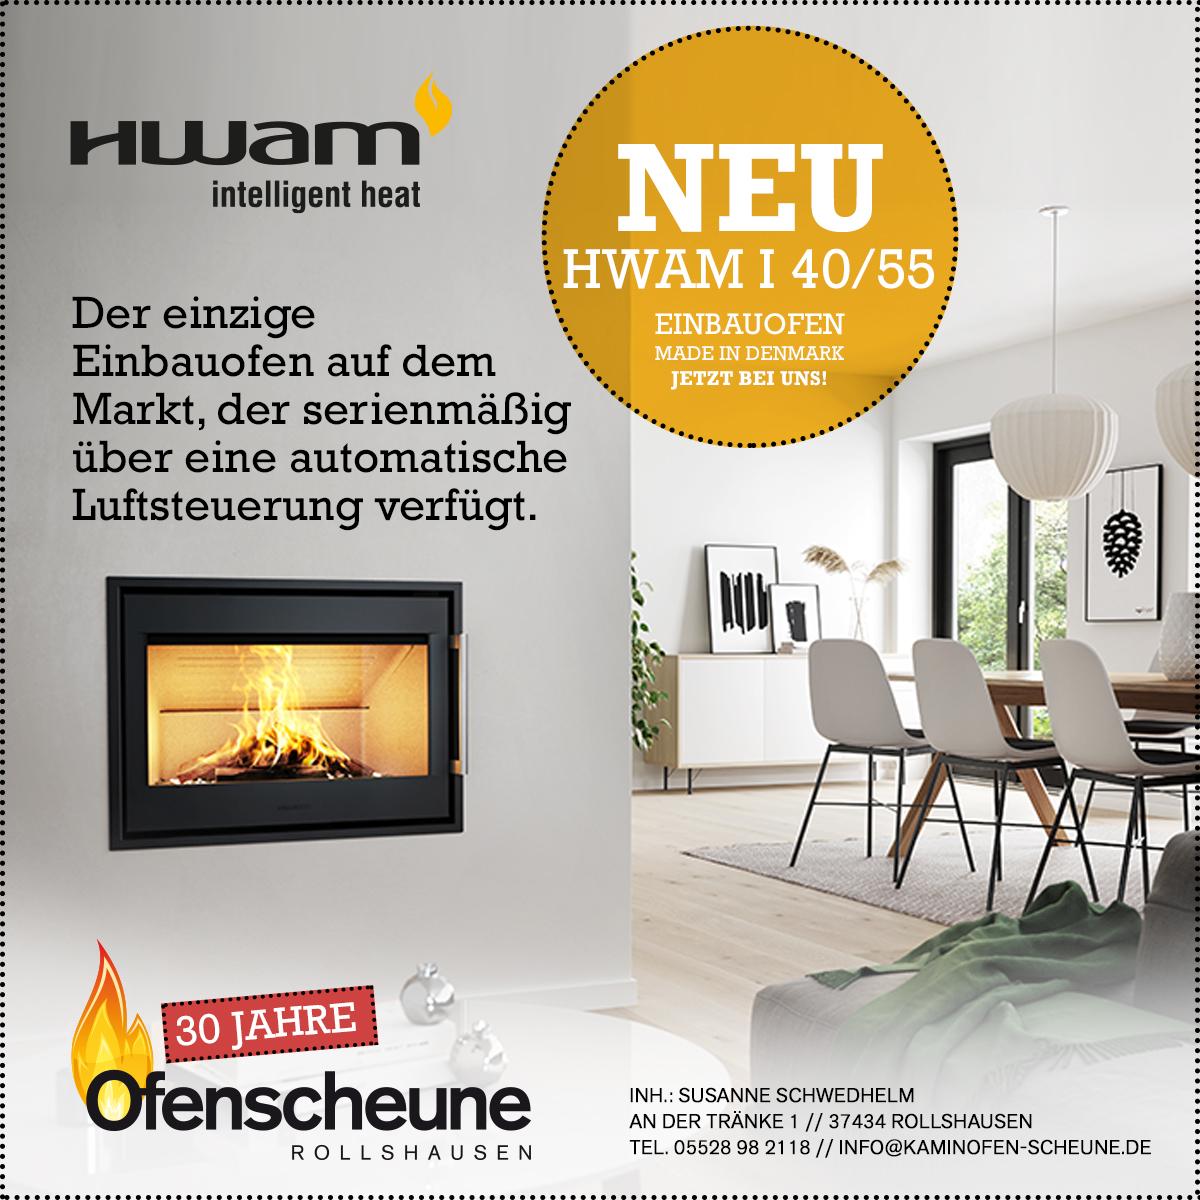 HWAM I 40/55